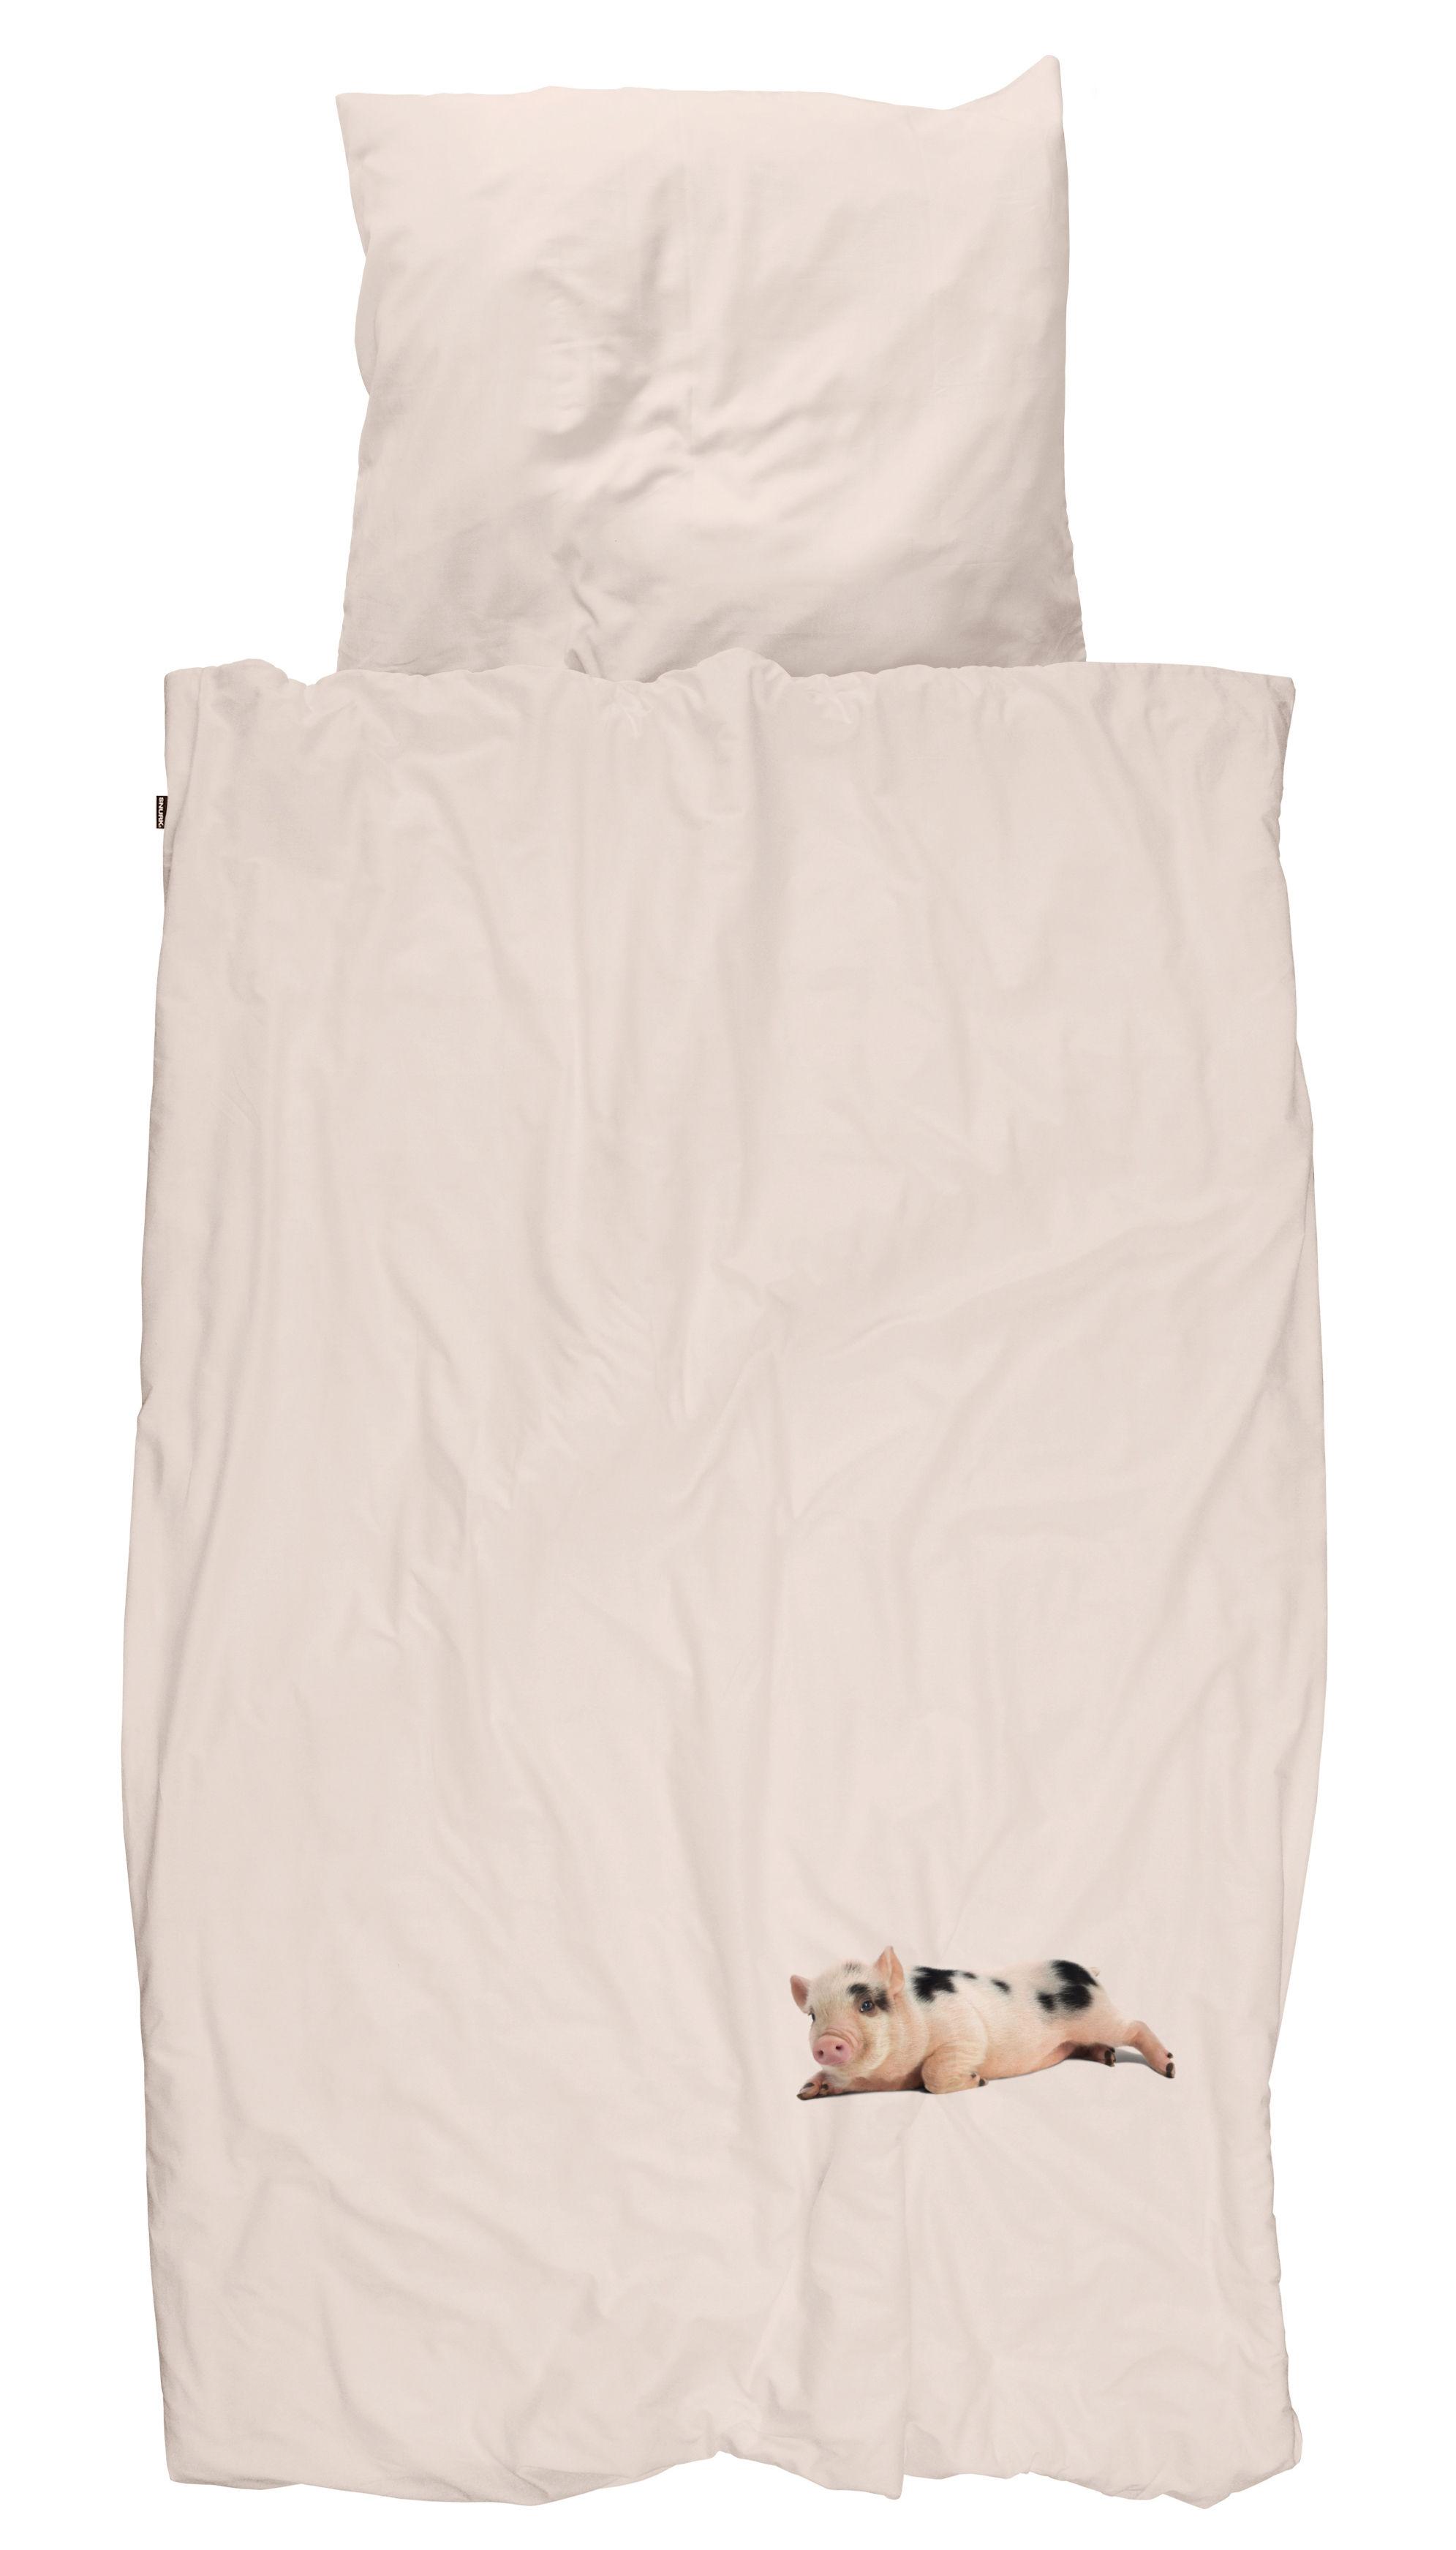 parure de lit 1 personne miss peggy 140 x 200 cm porcelet fond rose snurk. Black Bedroom Furniture Sets. Home Design Ideas